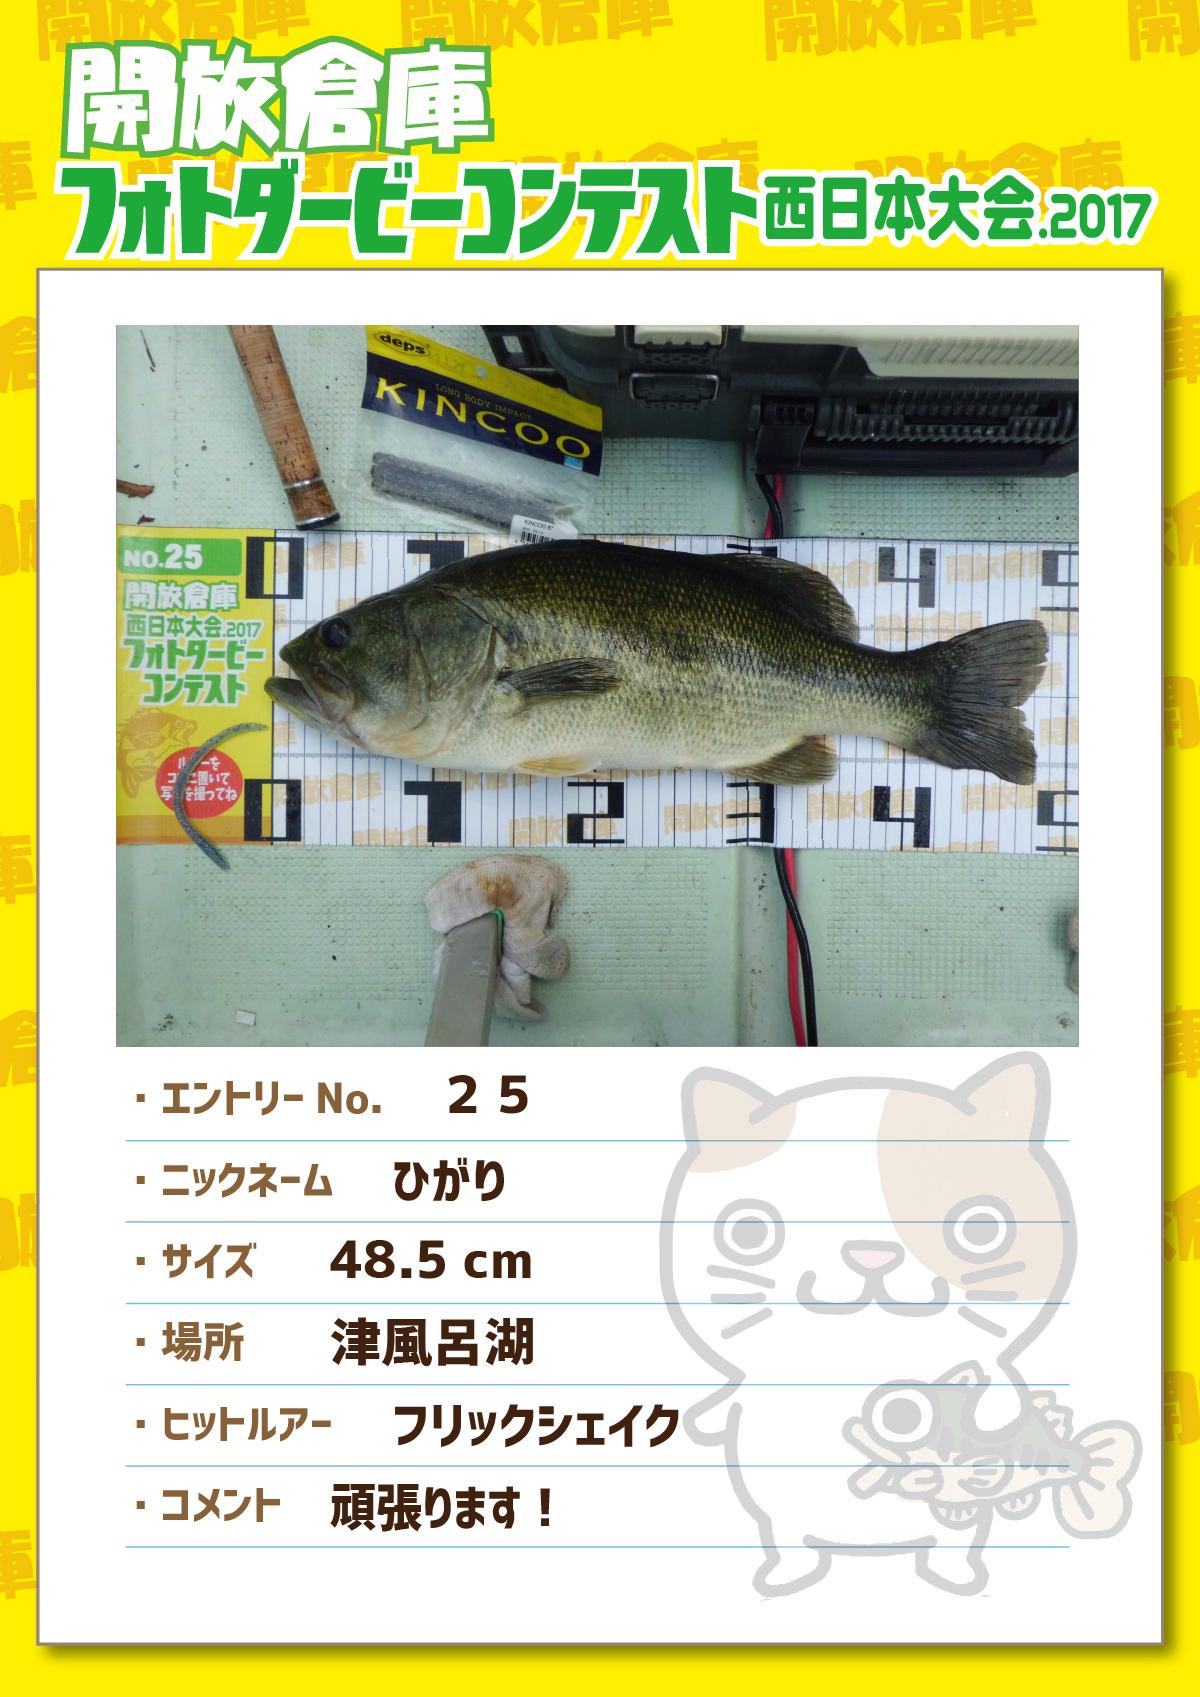 No.025 ひがり 48.5cm 津風呂湖 フリックシェイク 頑張ります!